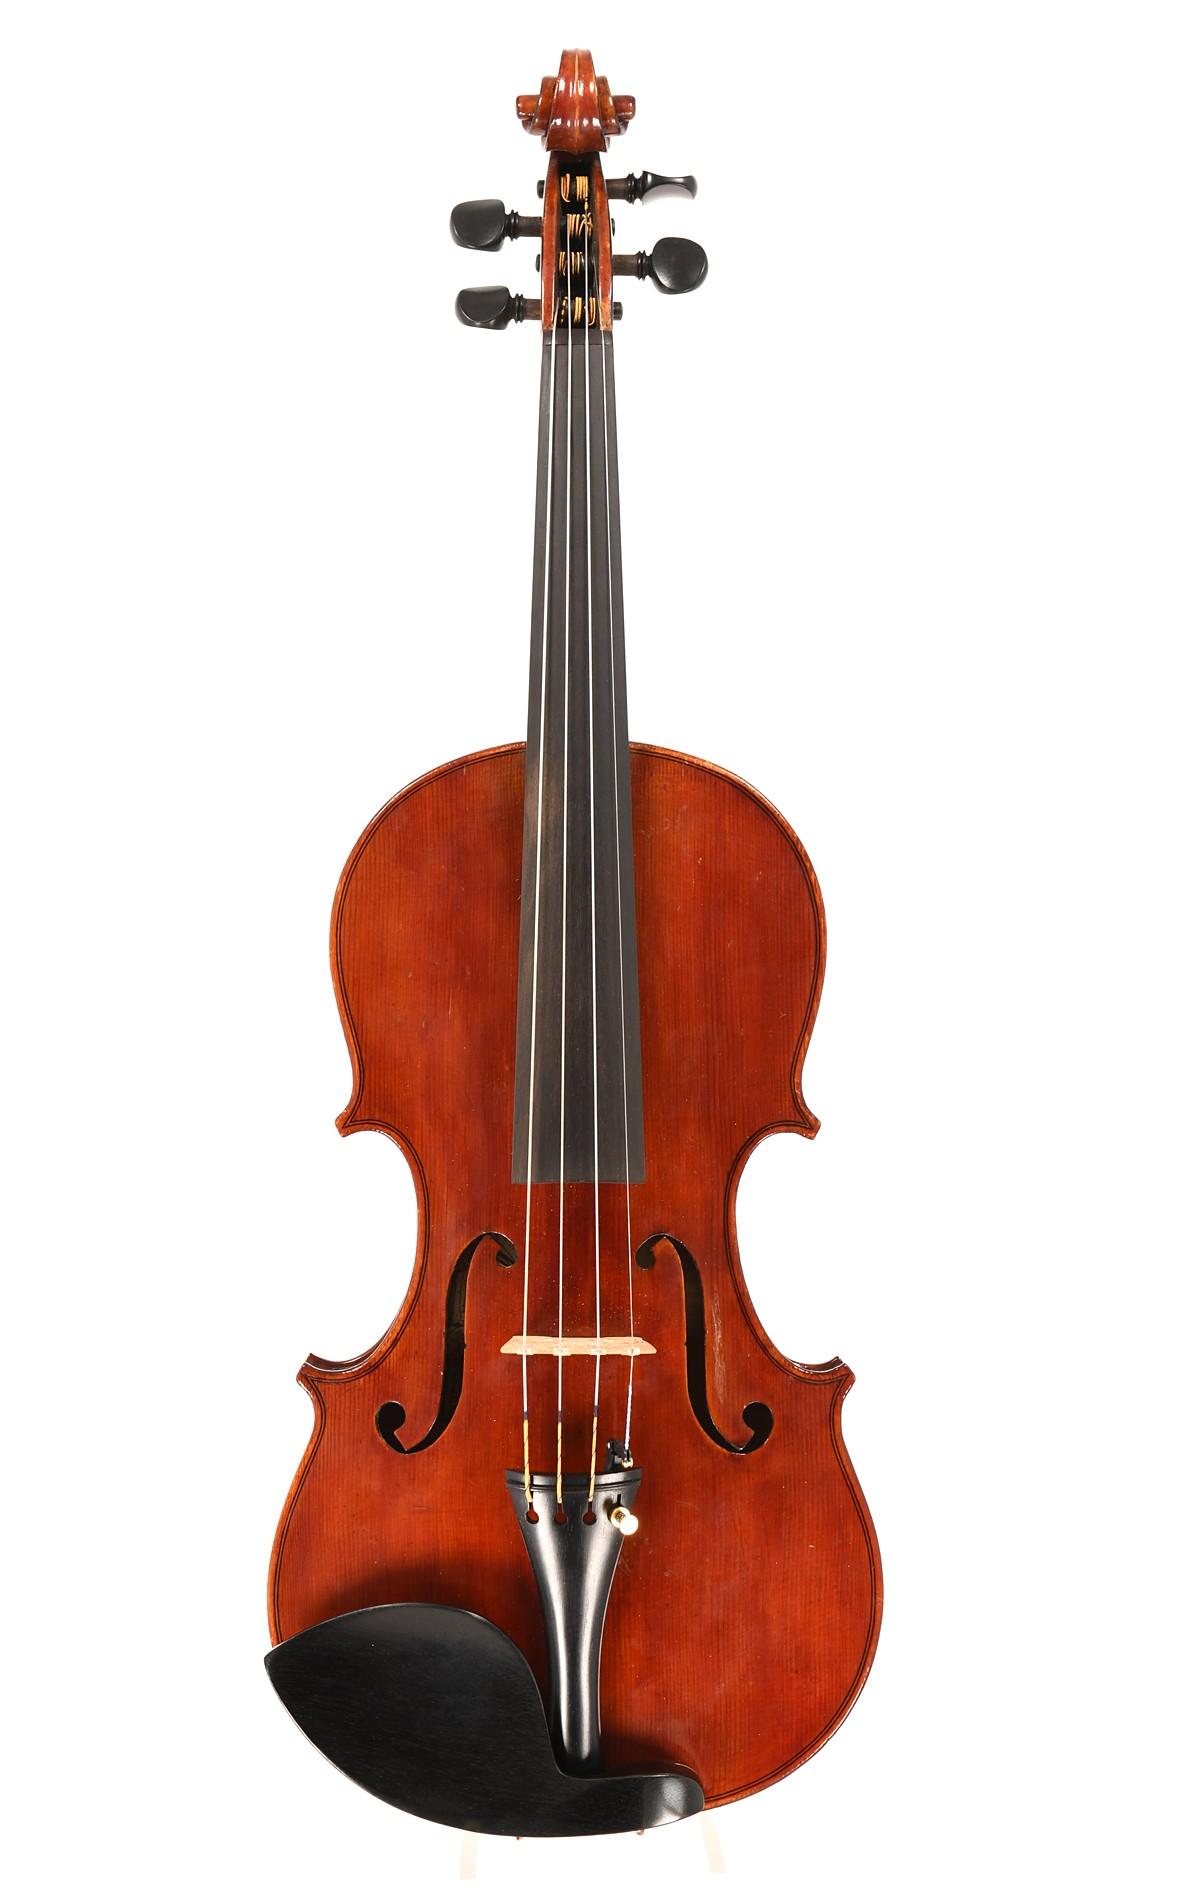 Fine Italian violin by Mario Gadda, 1972 - top